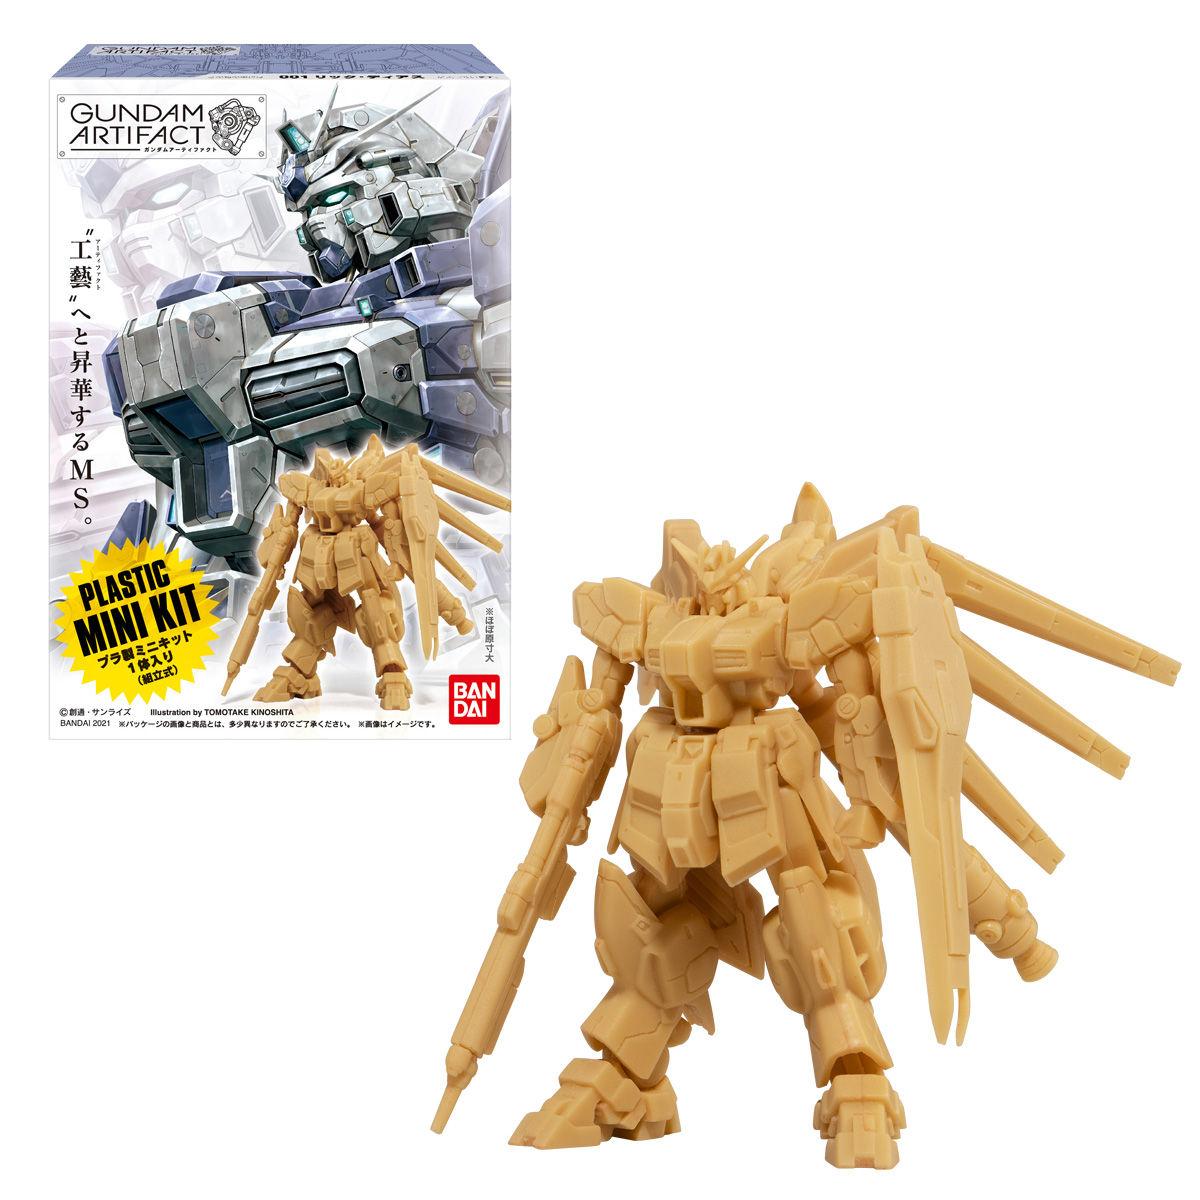 【再販】【食玩】機動戦士ガンダム『ガンダムアーティファクト』プラ製ミニキット 10個入りBOX-001